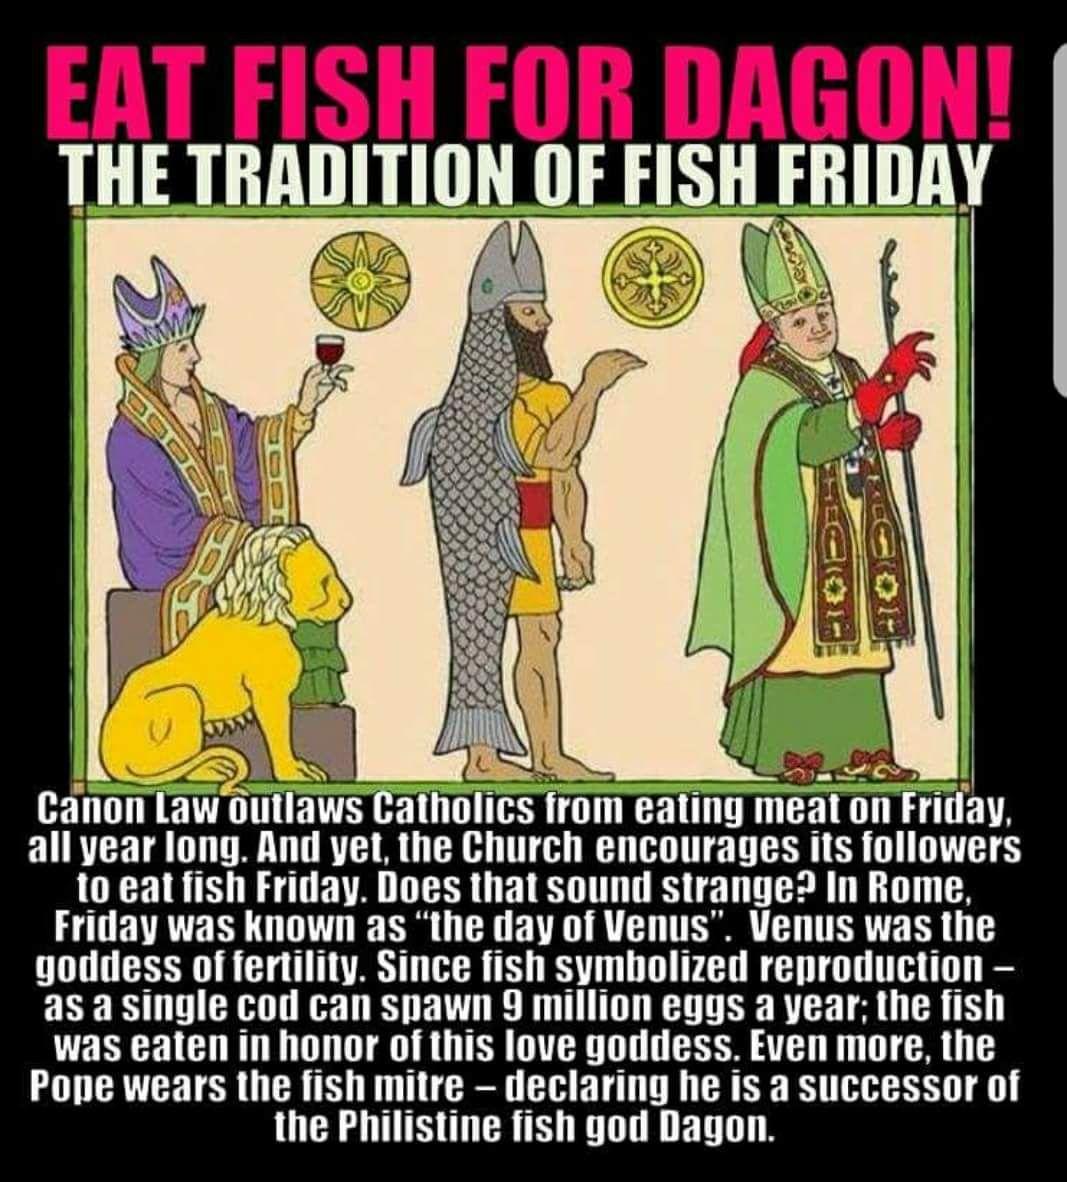 Illuminati satanic symbols images symbol and sign ideas upside down fish symbol image collections symbol and sign ideas satanic symbols revealed catholicism illuminated pinterest buycottarizona